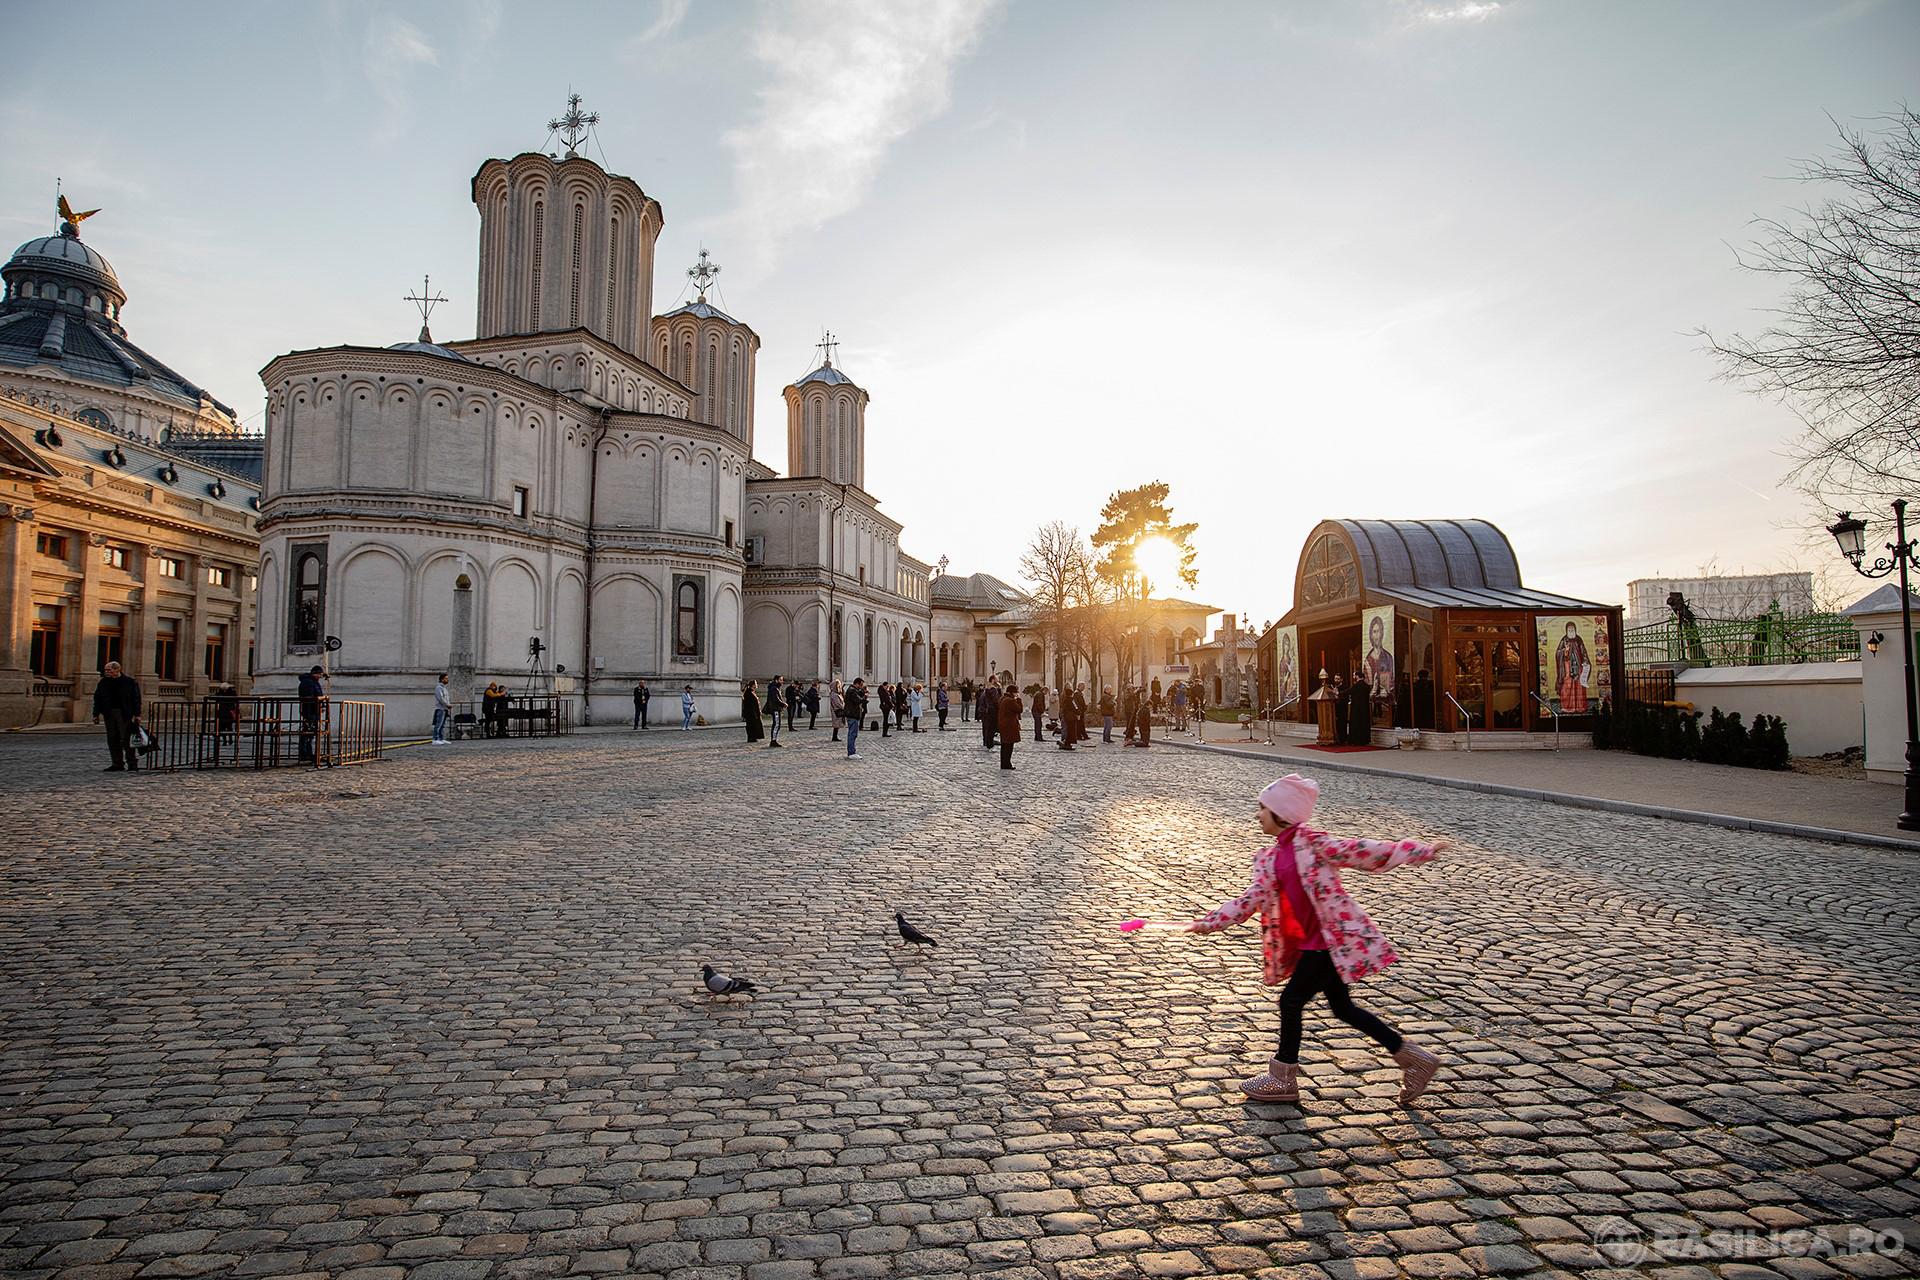 Biserica Ortodoxă invită credincioșii să pună pomelnice online, să aprindă lumănări prin site și donații cu cardul